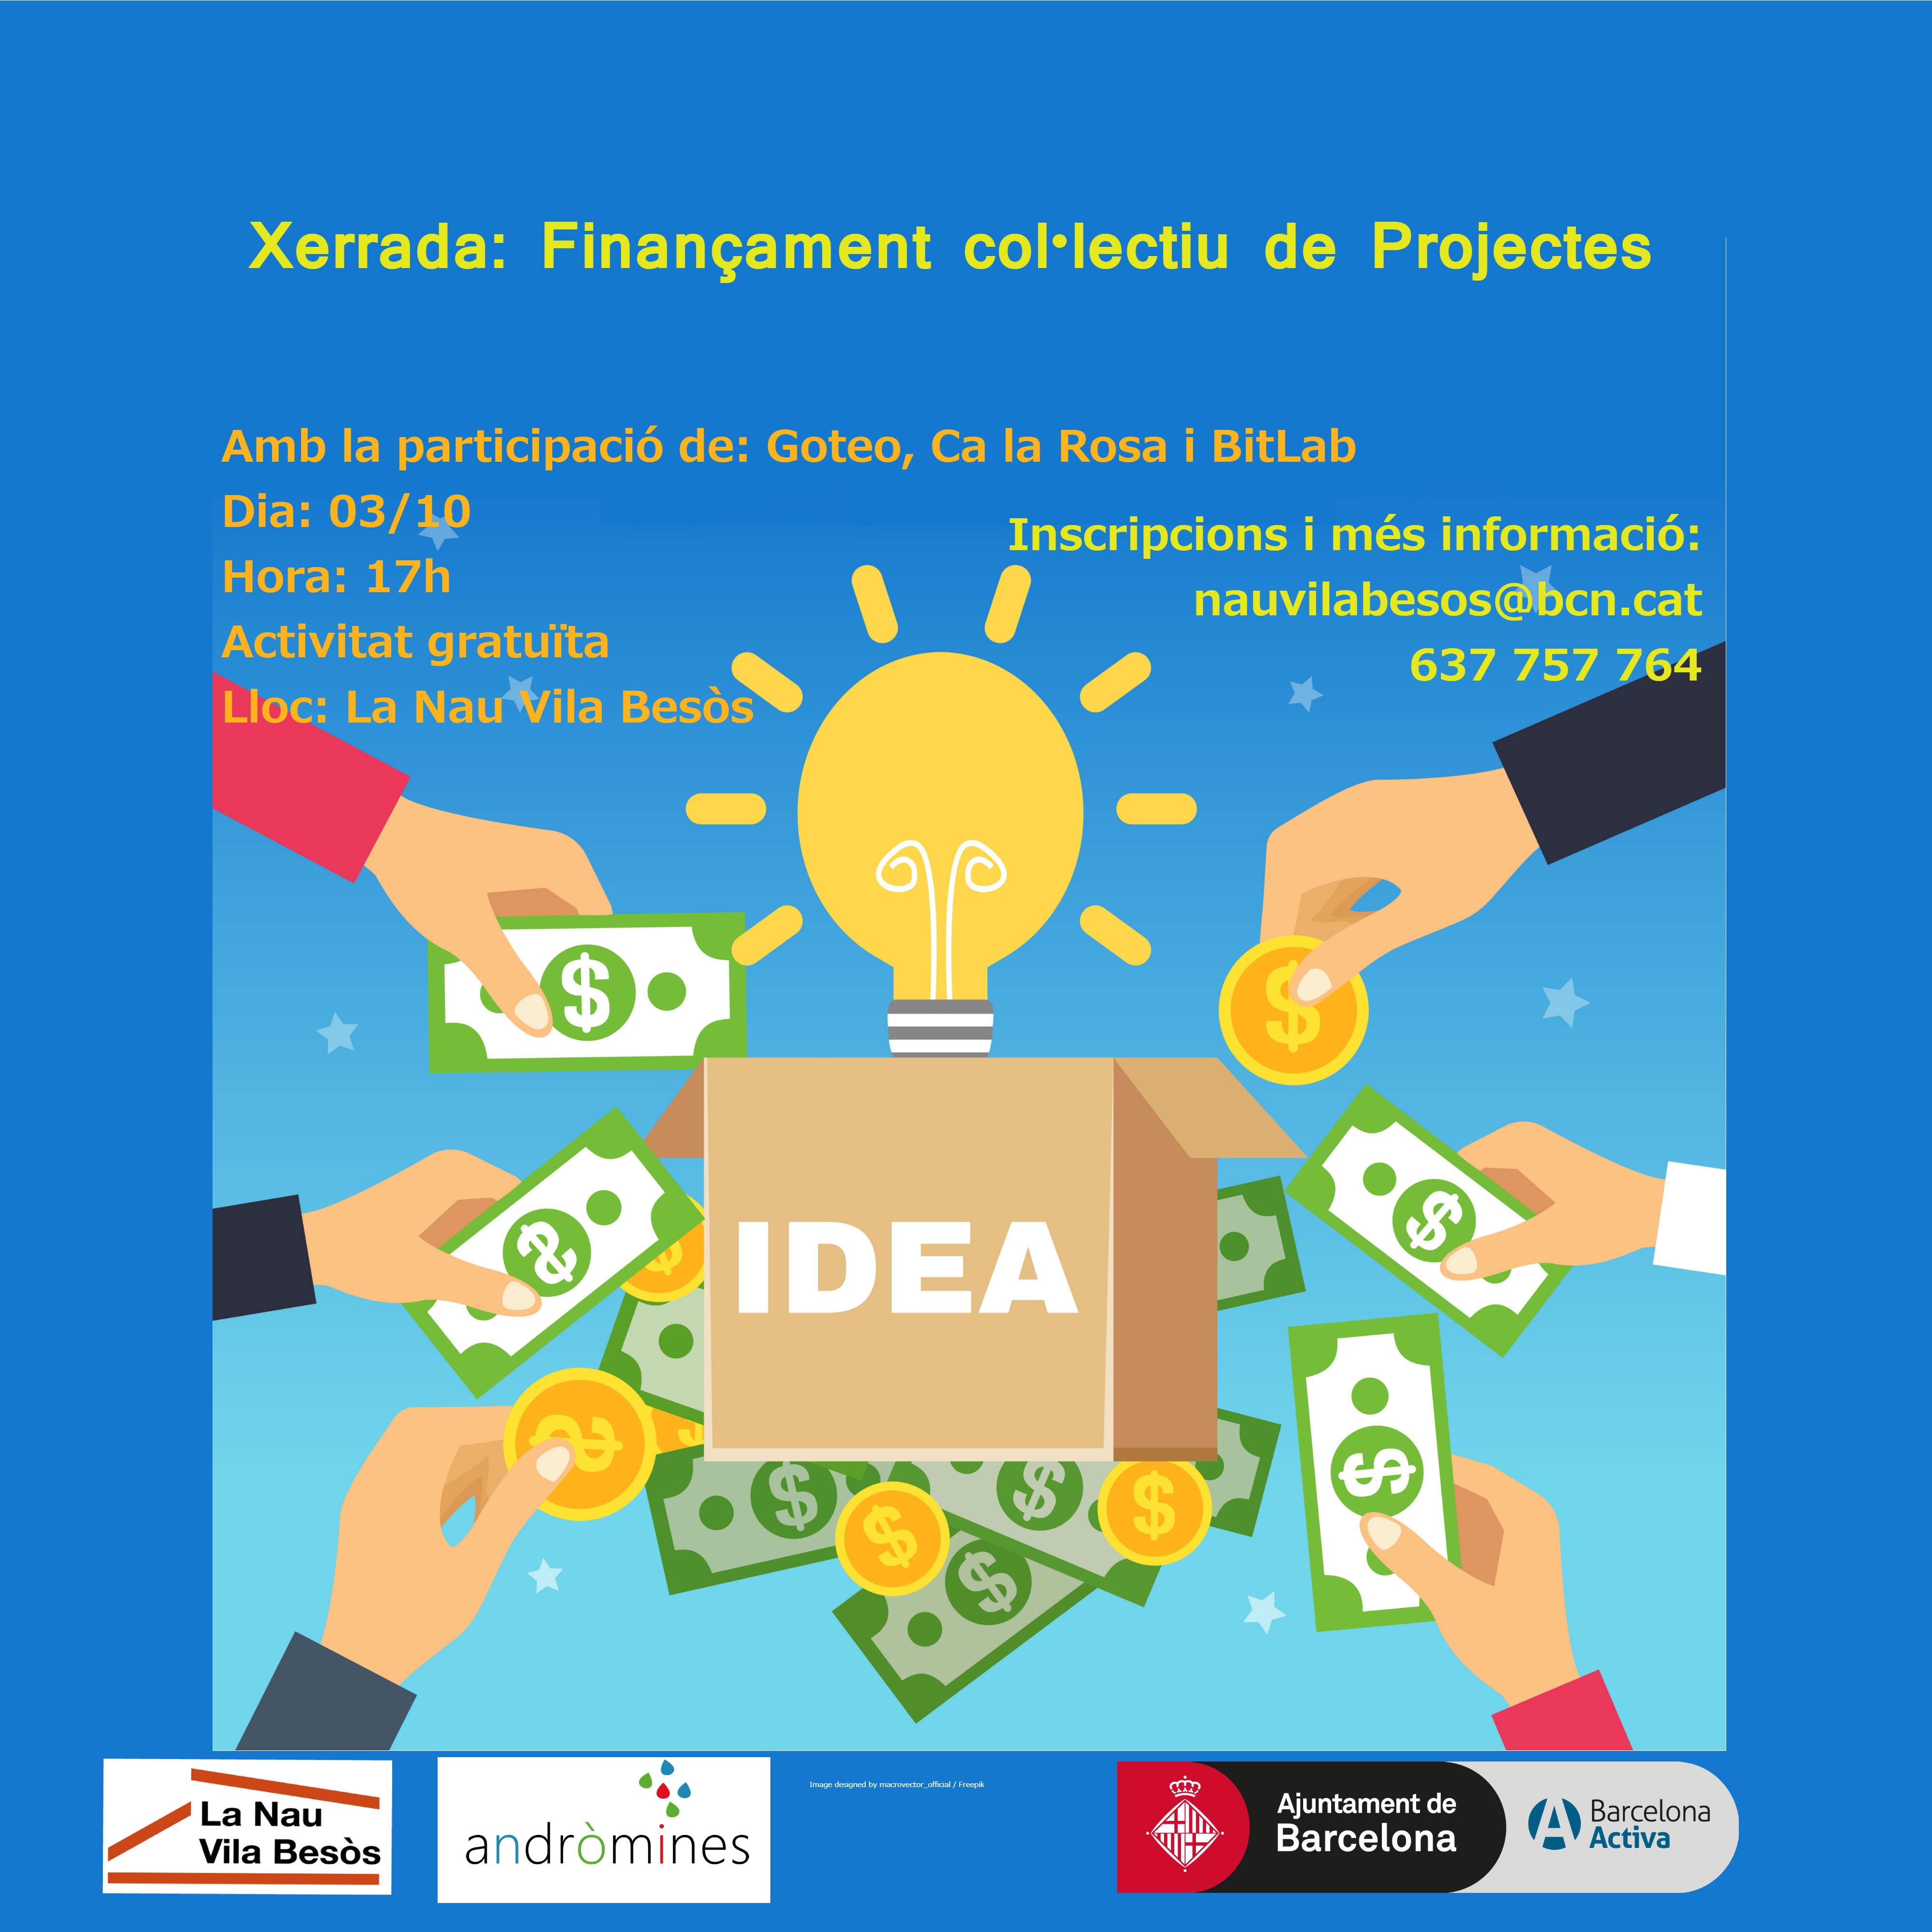 La Nau Vila Besòs acull xerrada sobre finançament col·lectiu de projectes